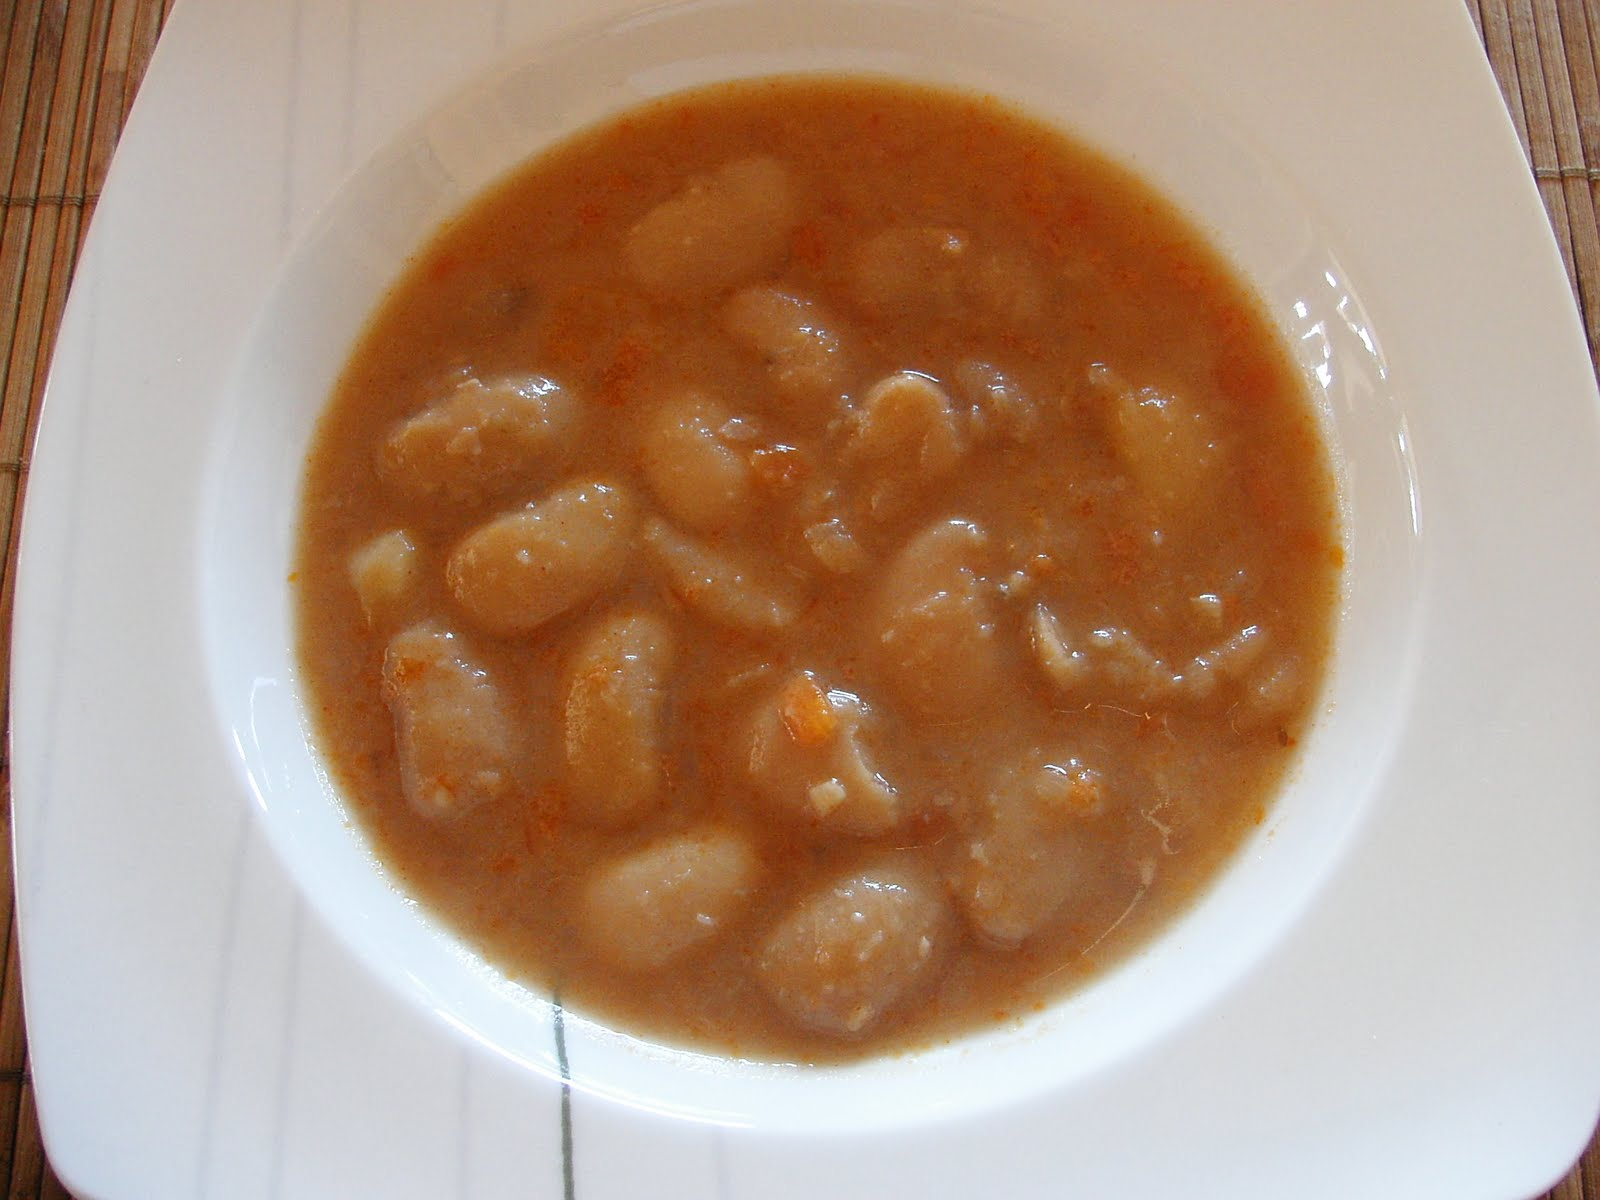 Cocinar sin sal alubiones viudas sin sal - Cocinar sin sal ...